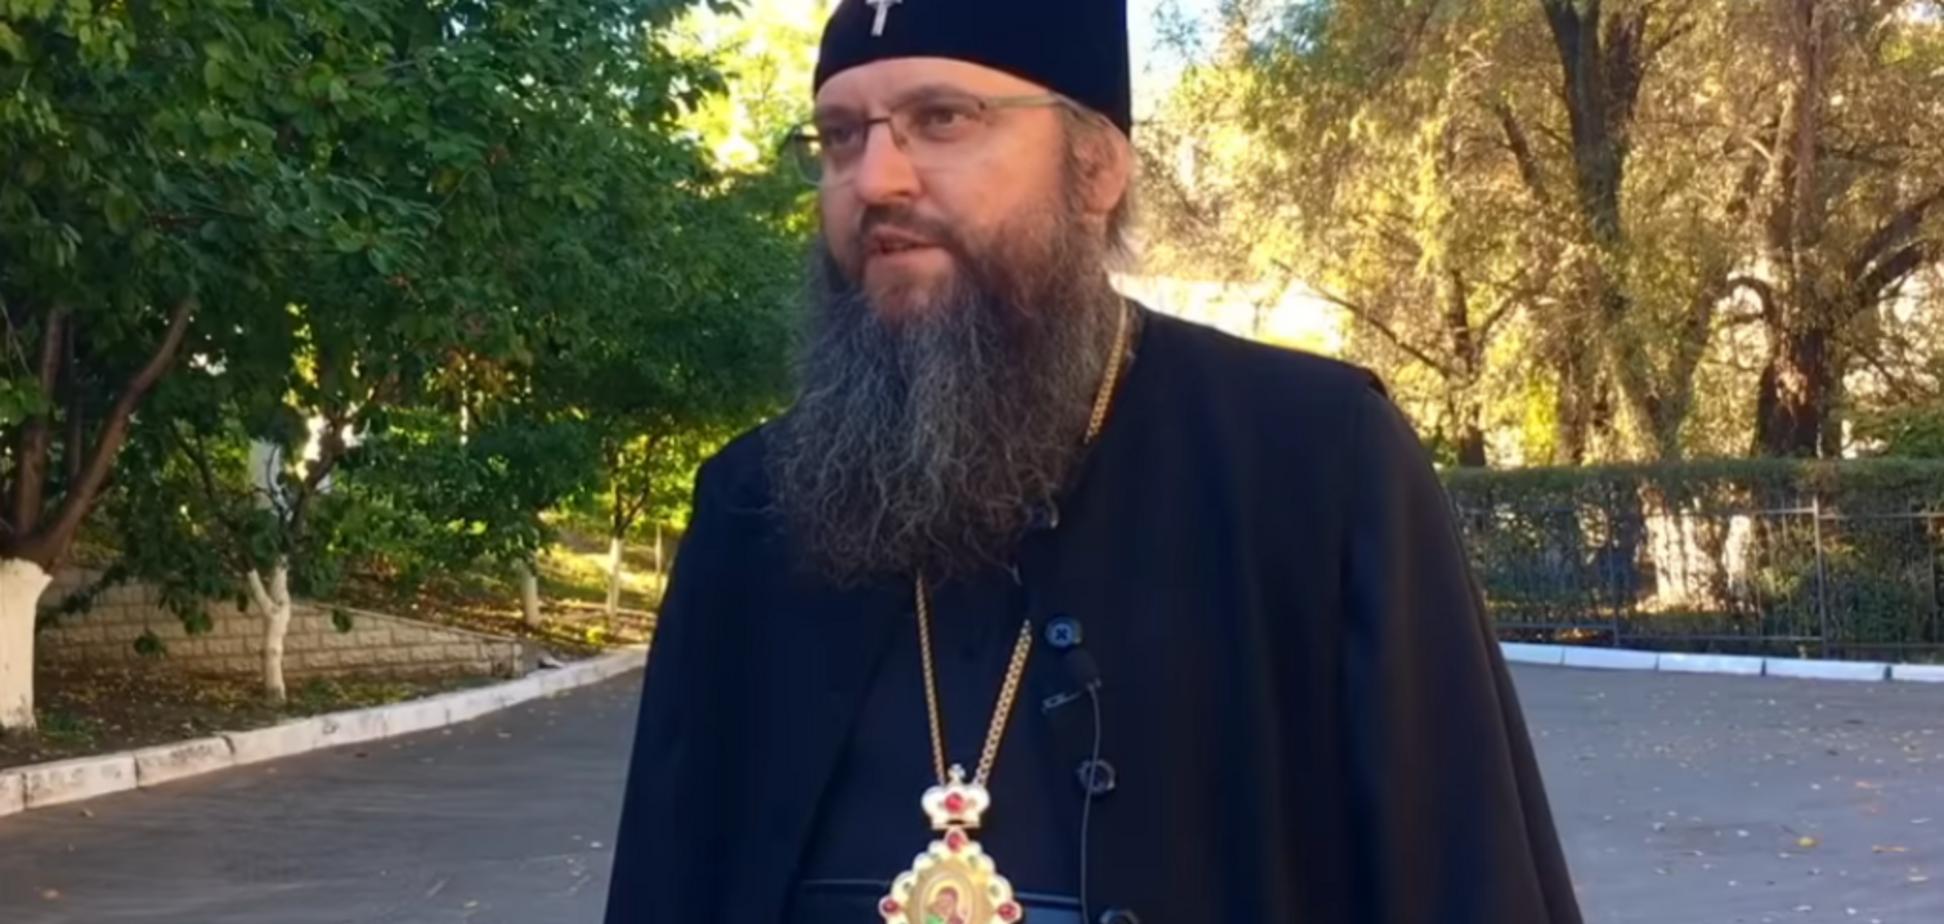 ''Томосов никто не выдавал'': в УПЦ МП выдали новое заявление о Филарете и Константинополе